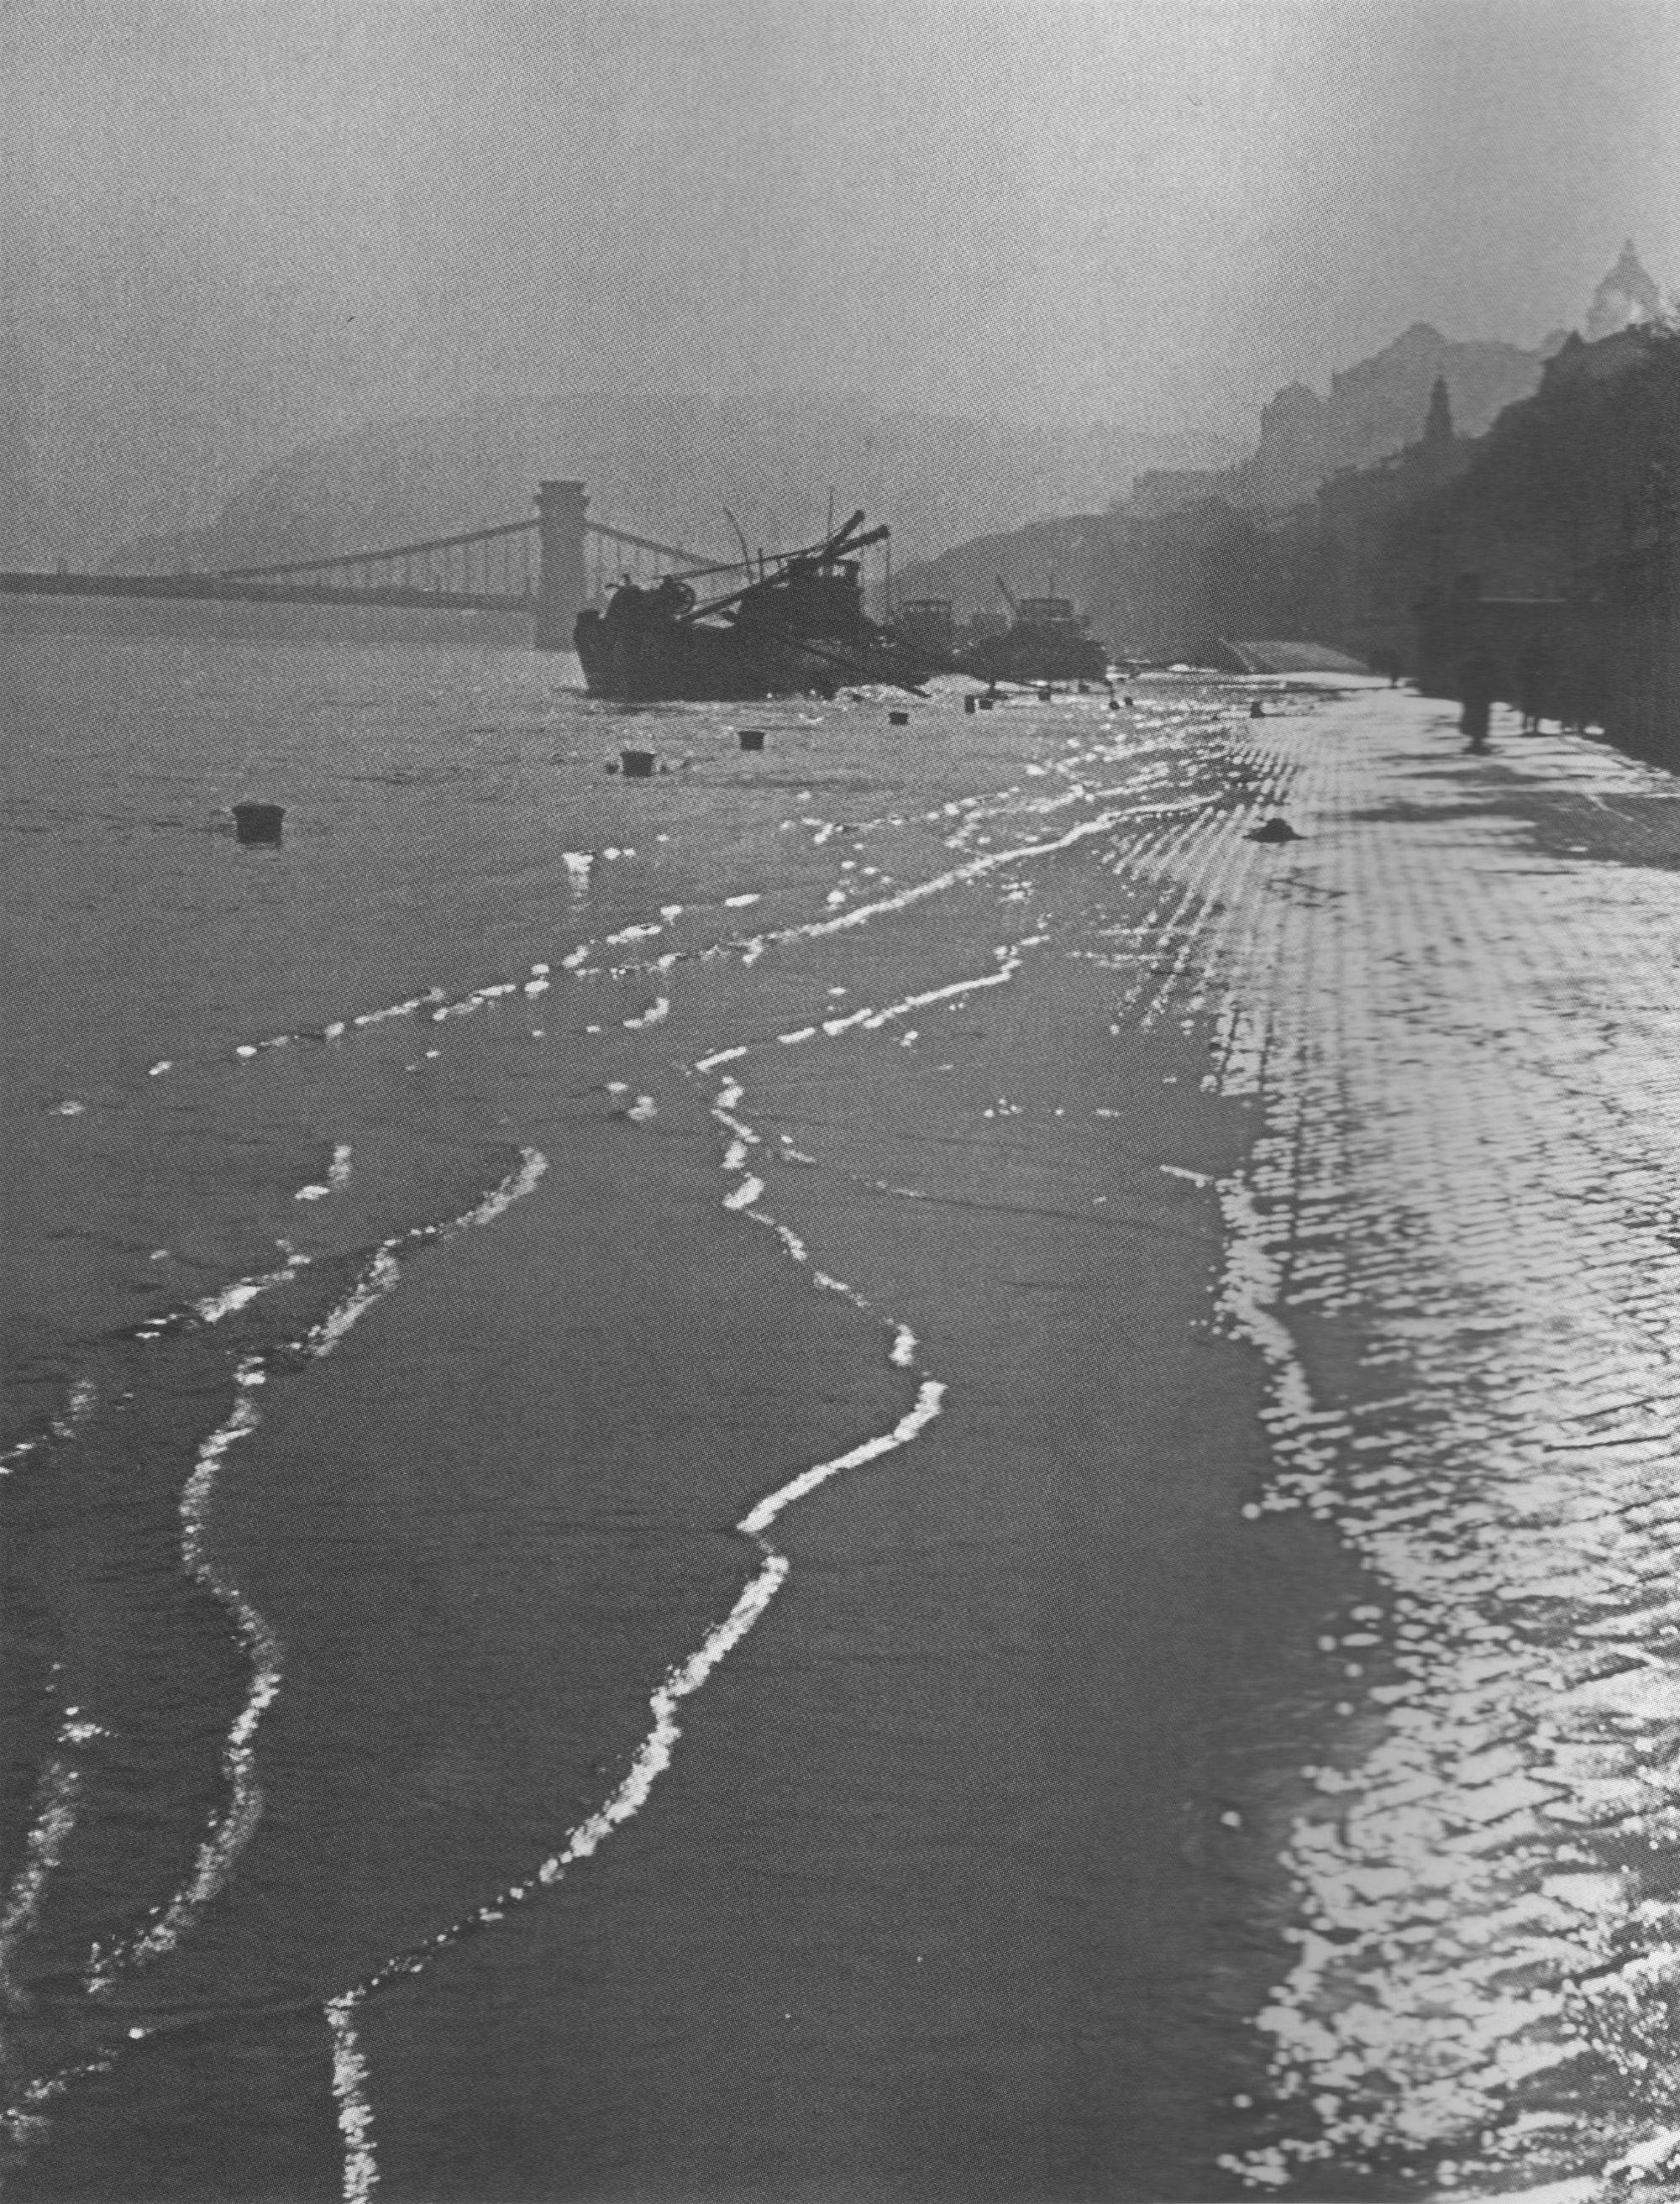 Fotó: Dulovits Jenő: A Vízivárosi rakpart az 1941-es árvízkor, 1941 © Fejér Zoltán gyűjteménye